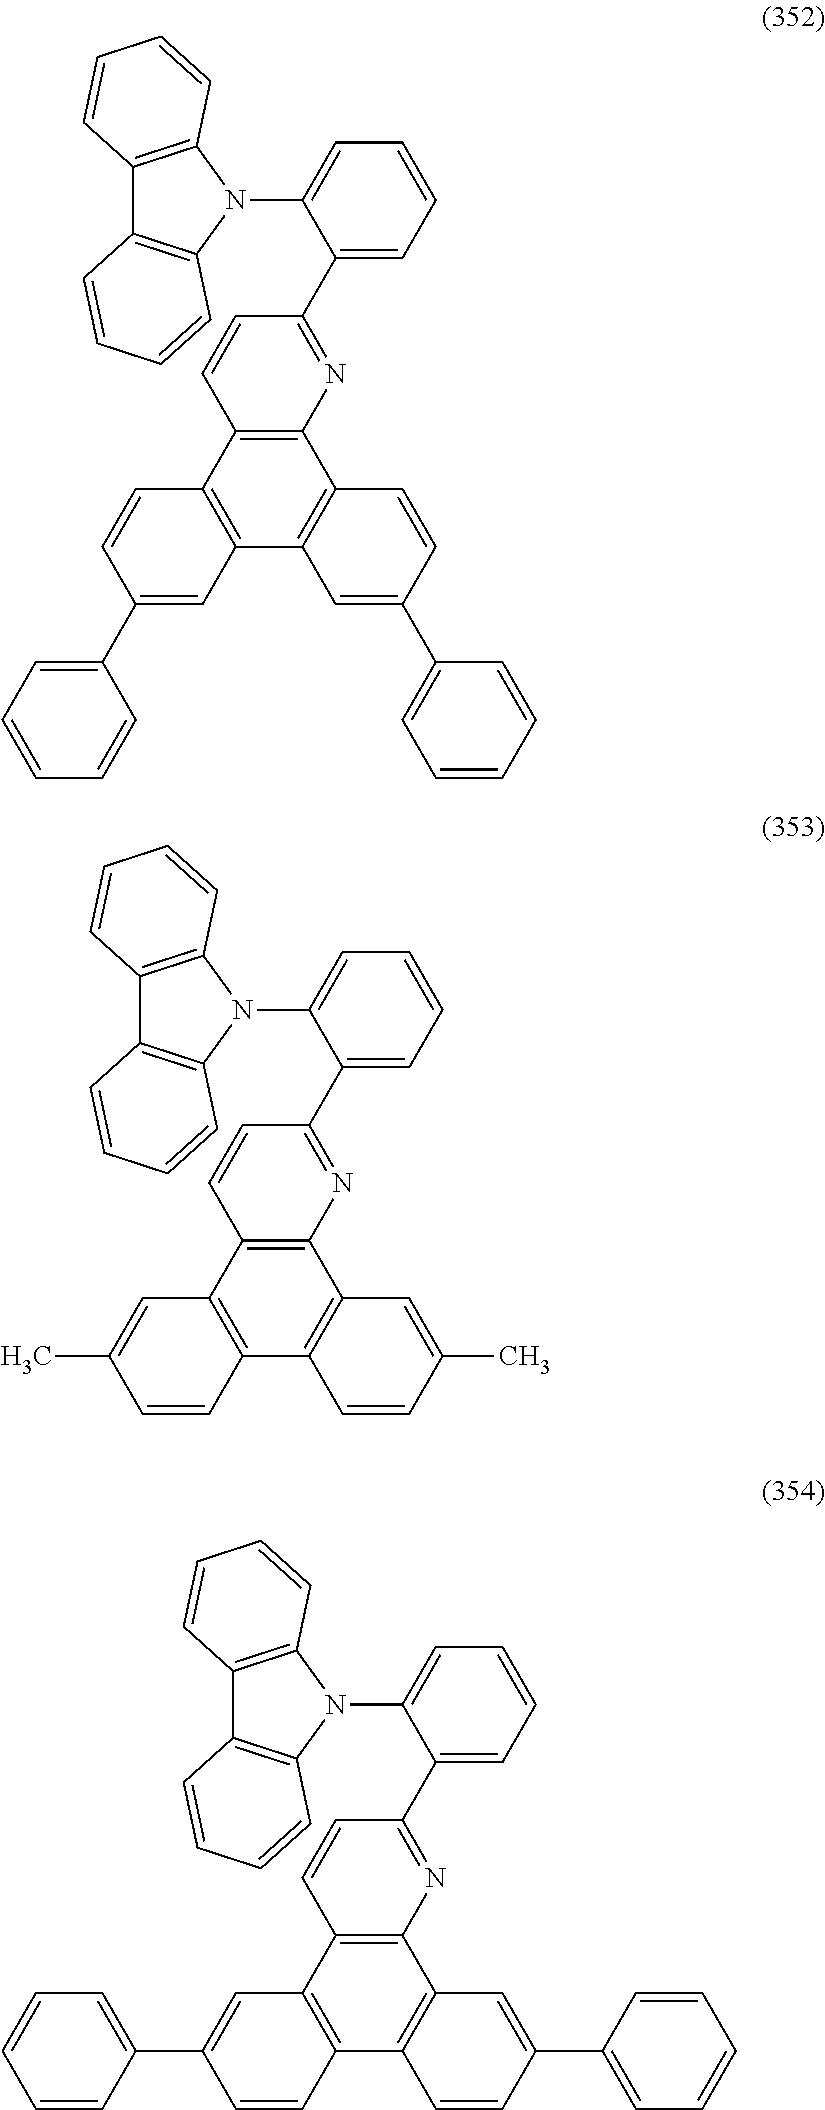 Figure US09843000-20171212-C00066